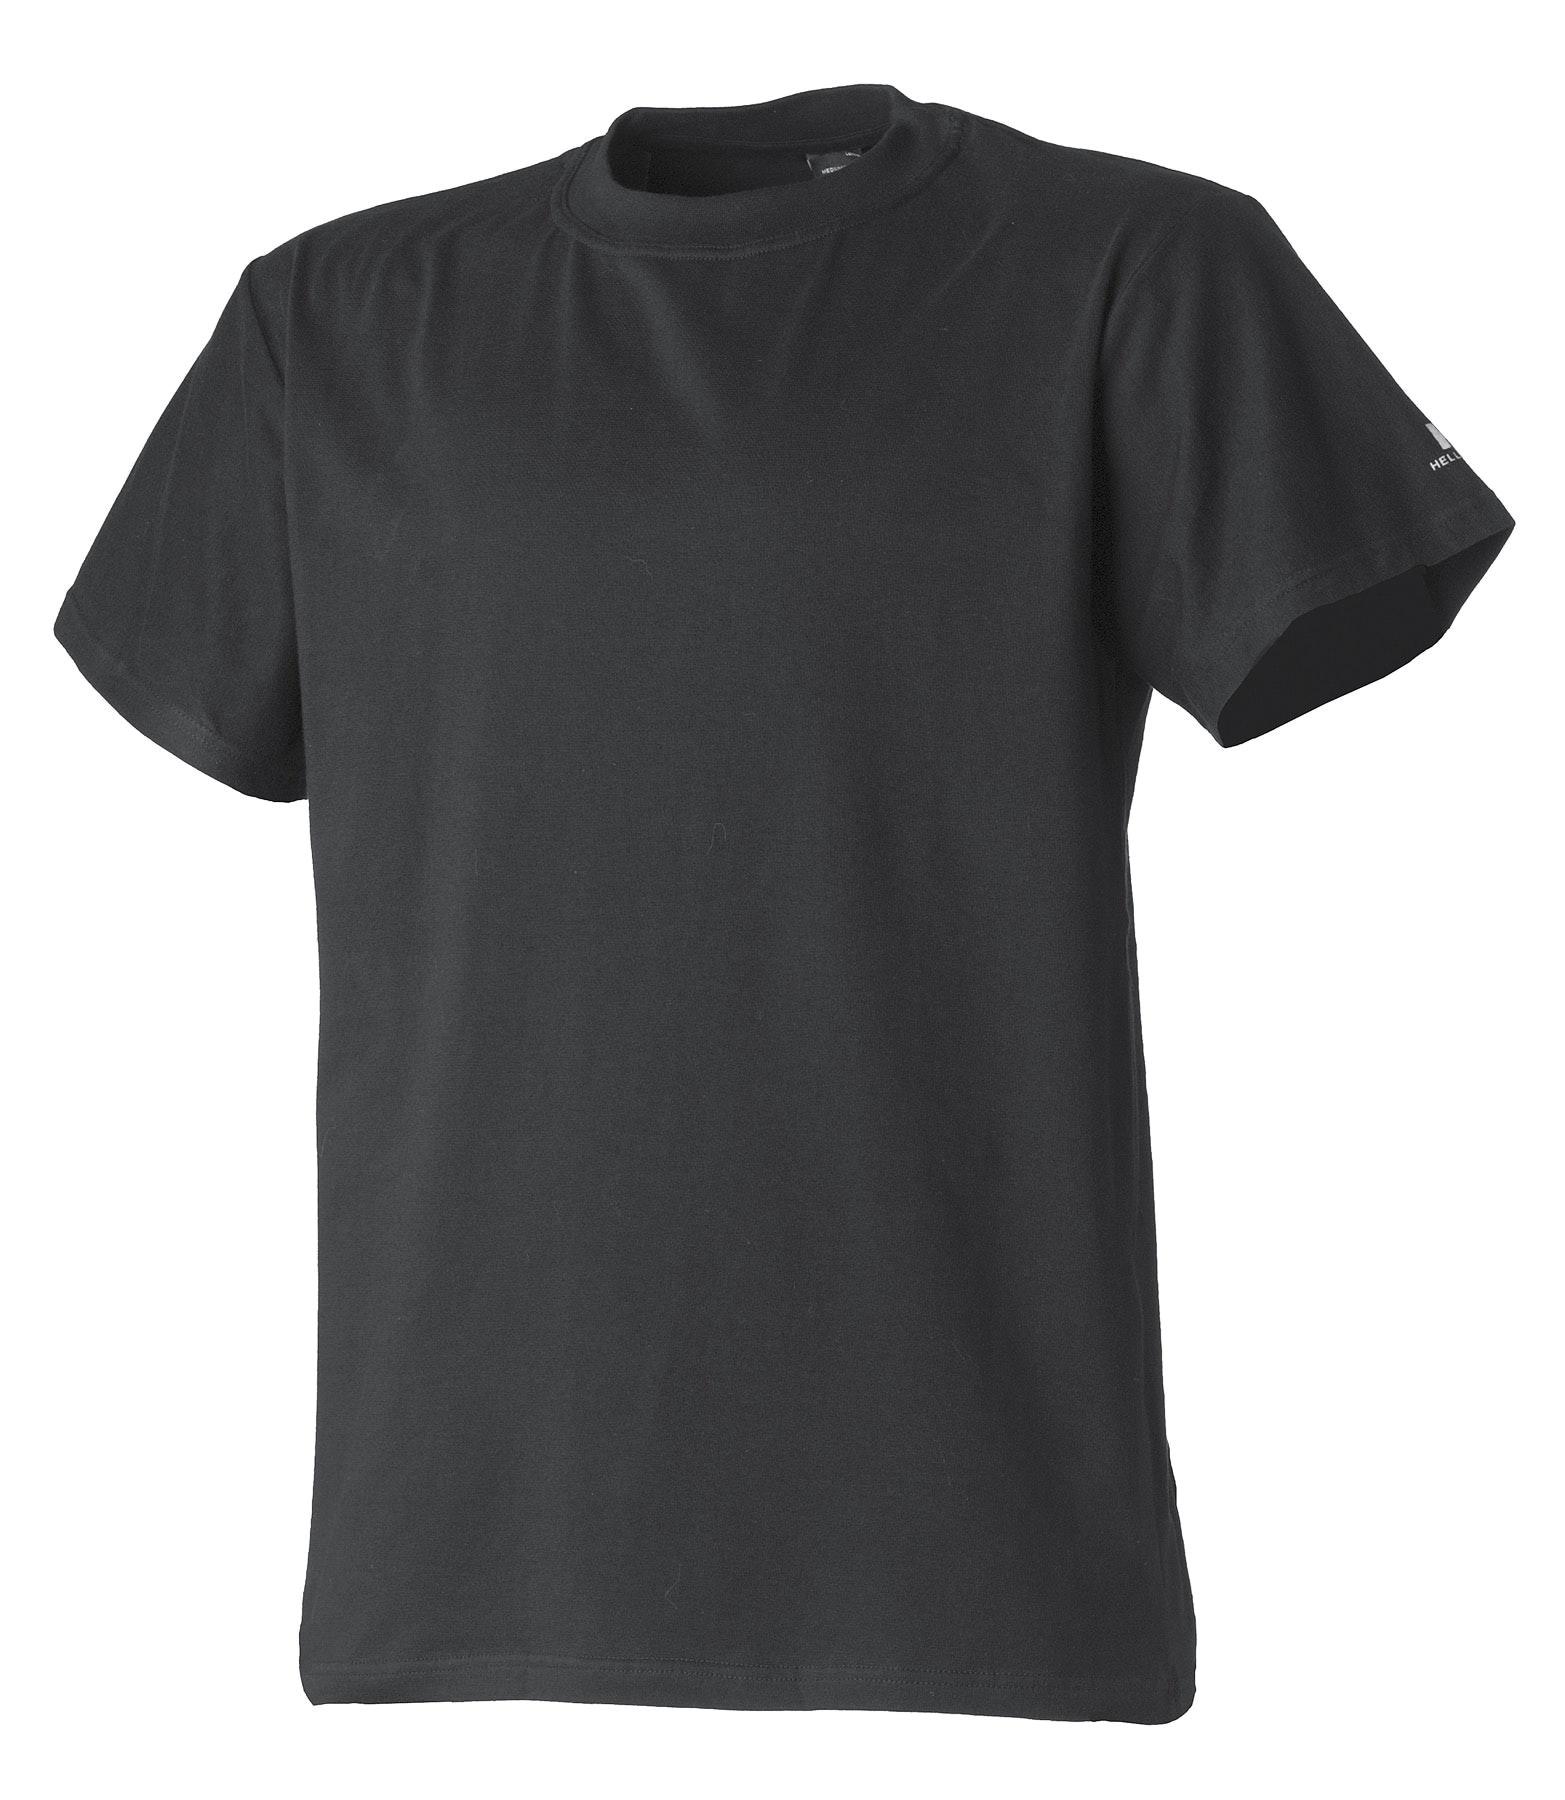 T-Shirt Vit Helly Hansen L Manchester